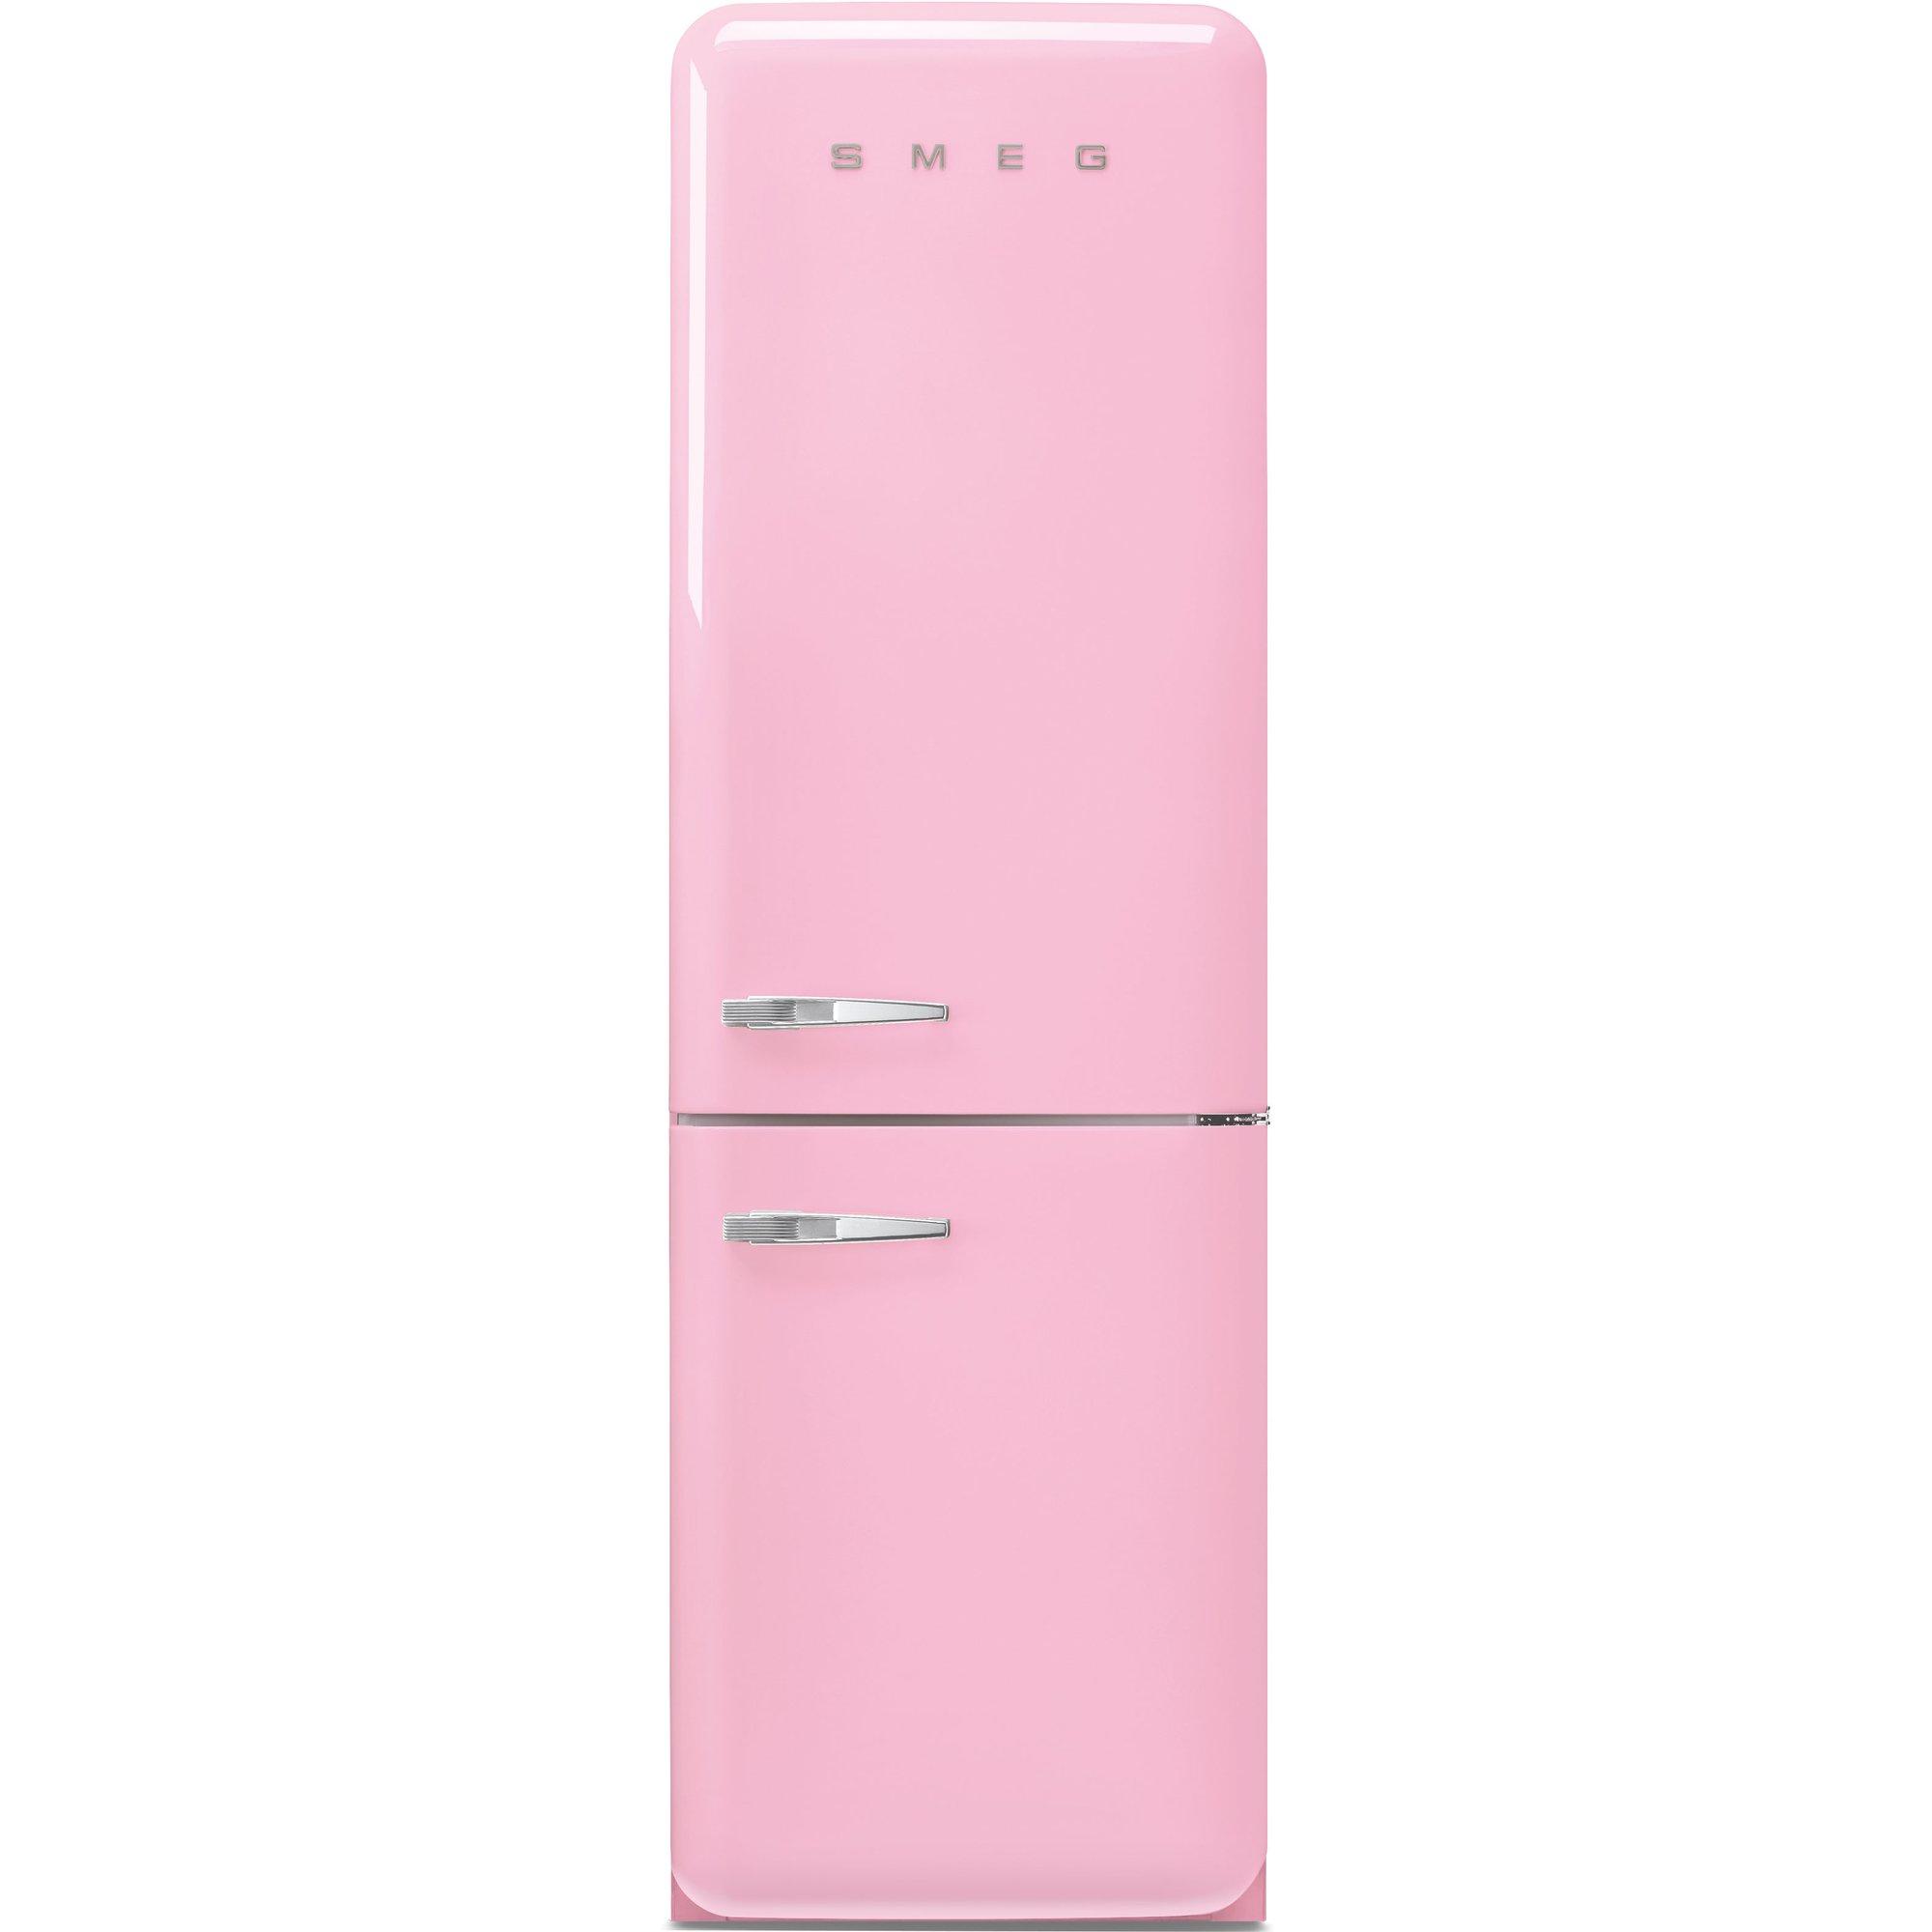 Smeg FAB32RPK5 Køle-/fryseskab pink